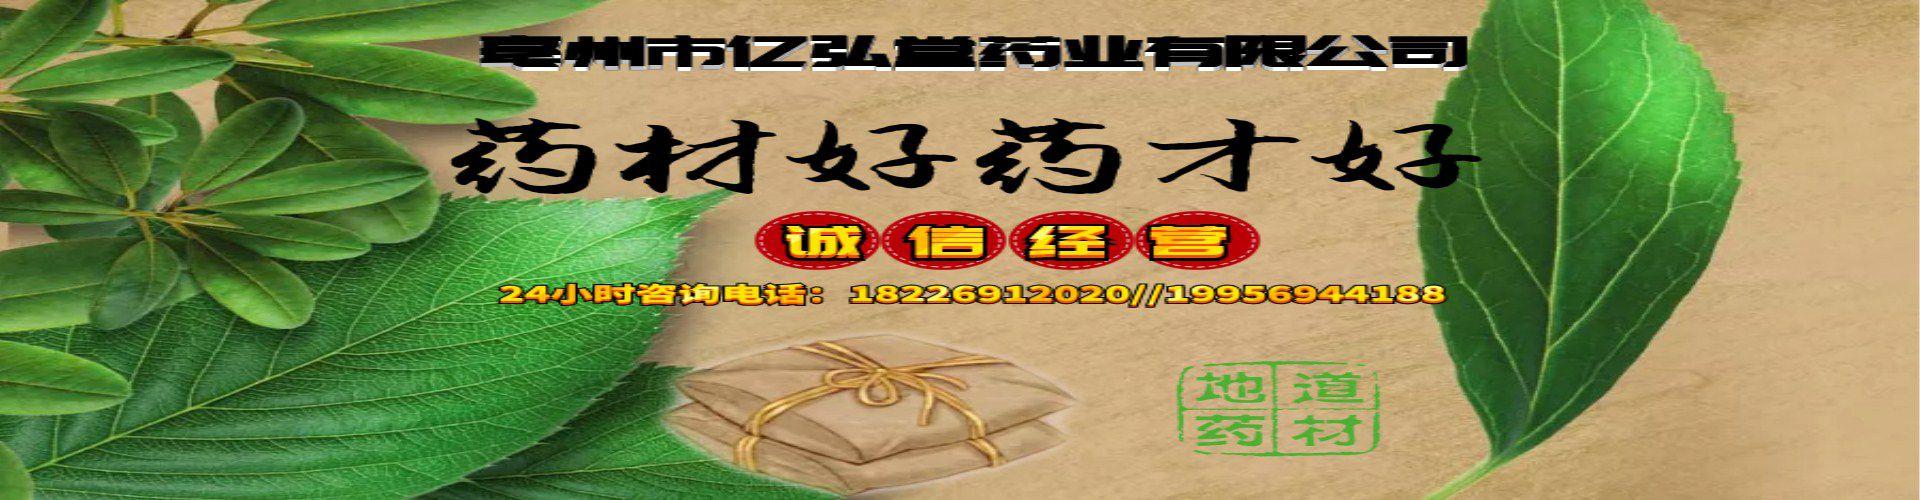 亳州市亿弘堂药业有限公司